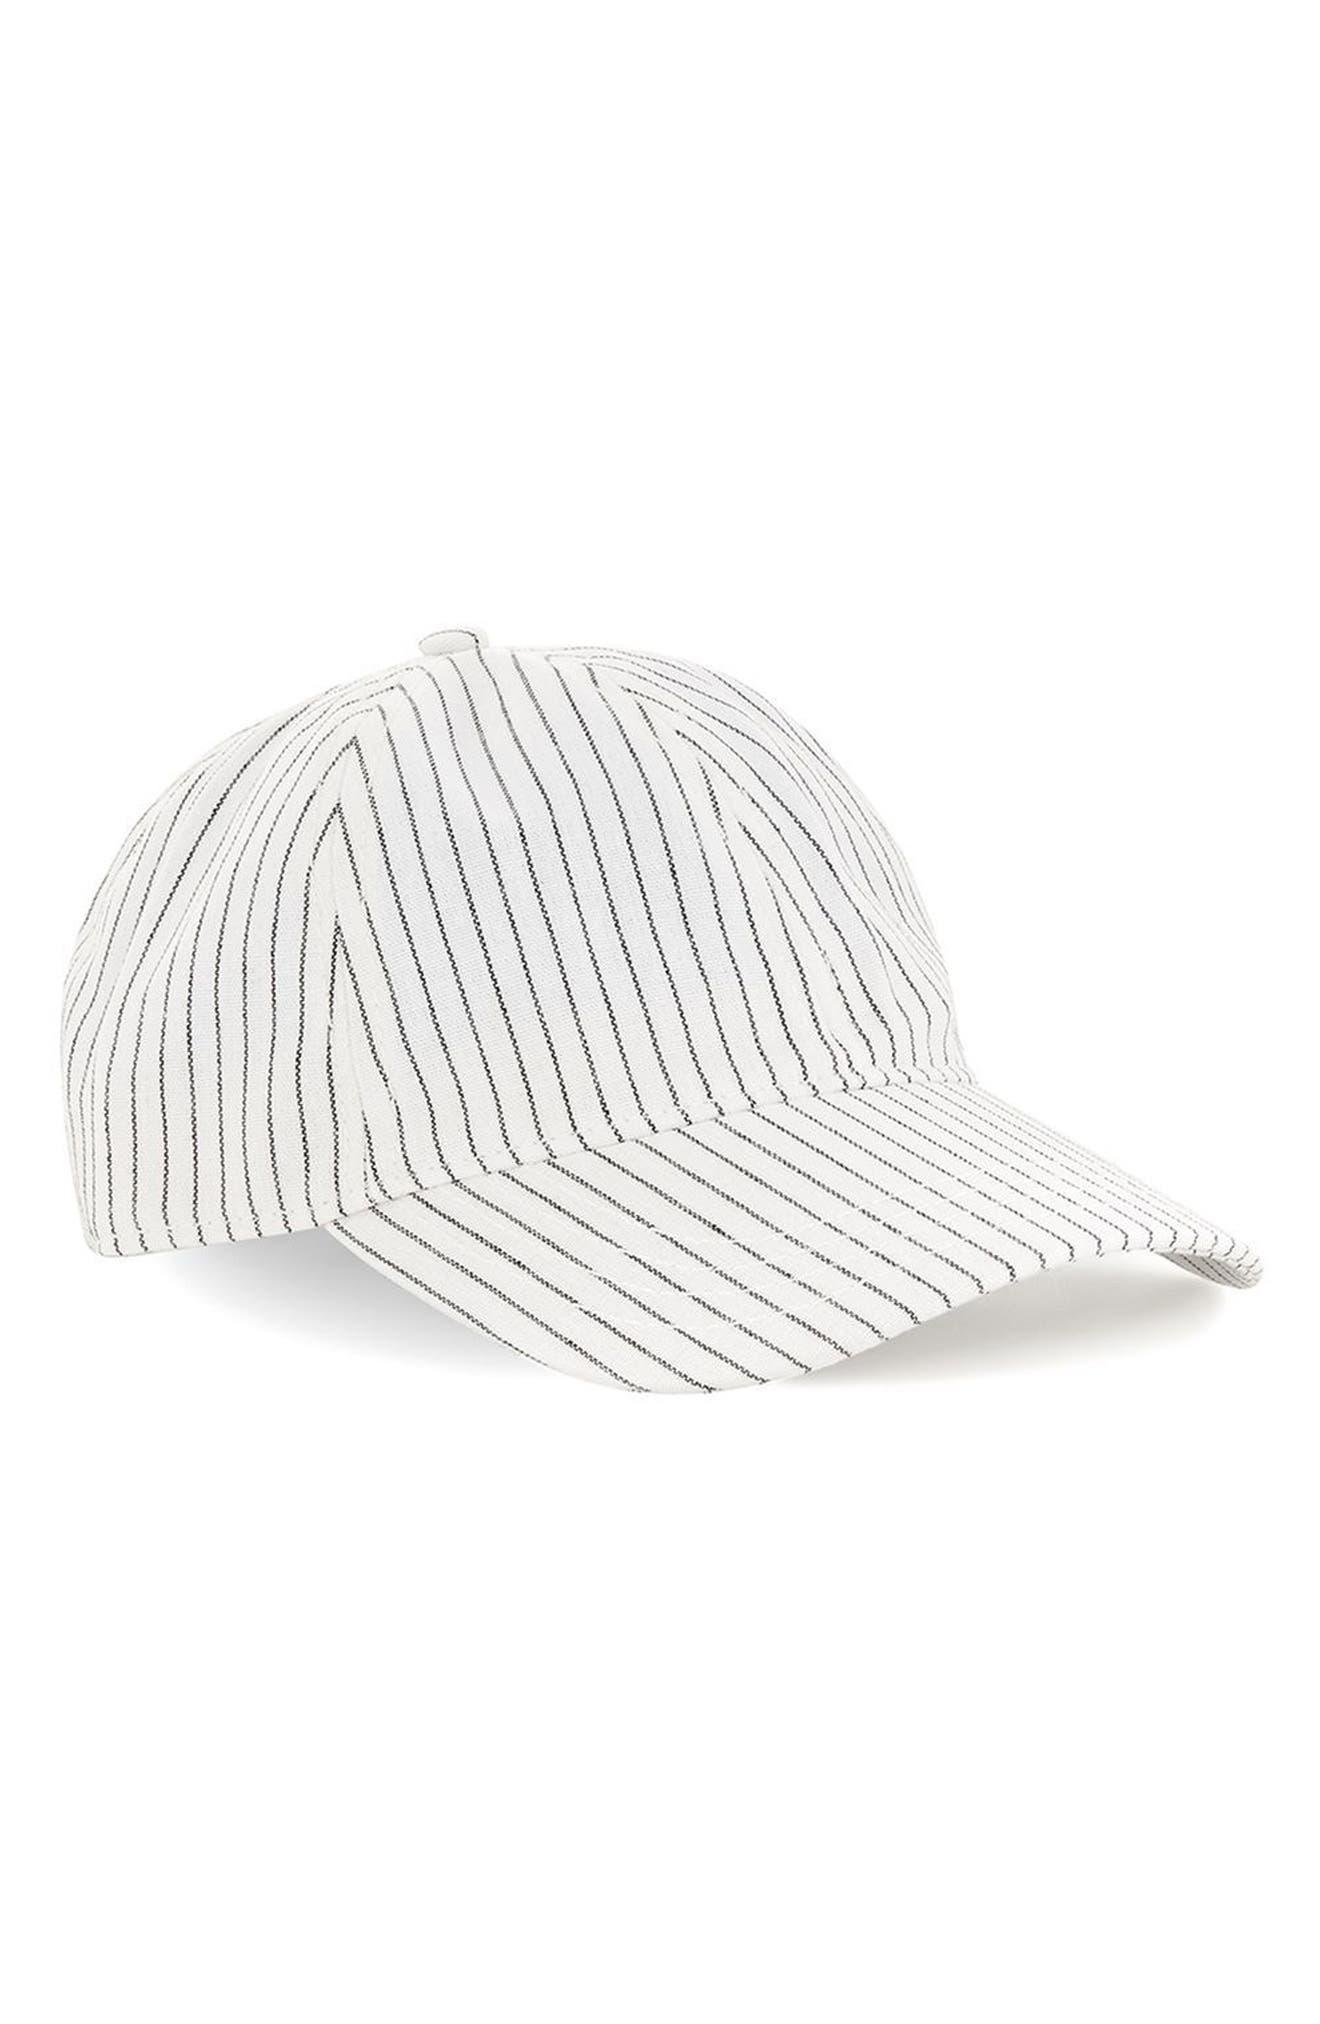 Stripe Boys Curved Peak Cap,                             Main thumbnail 1, color,                             White Multi